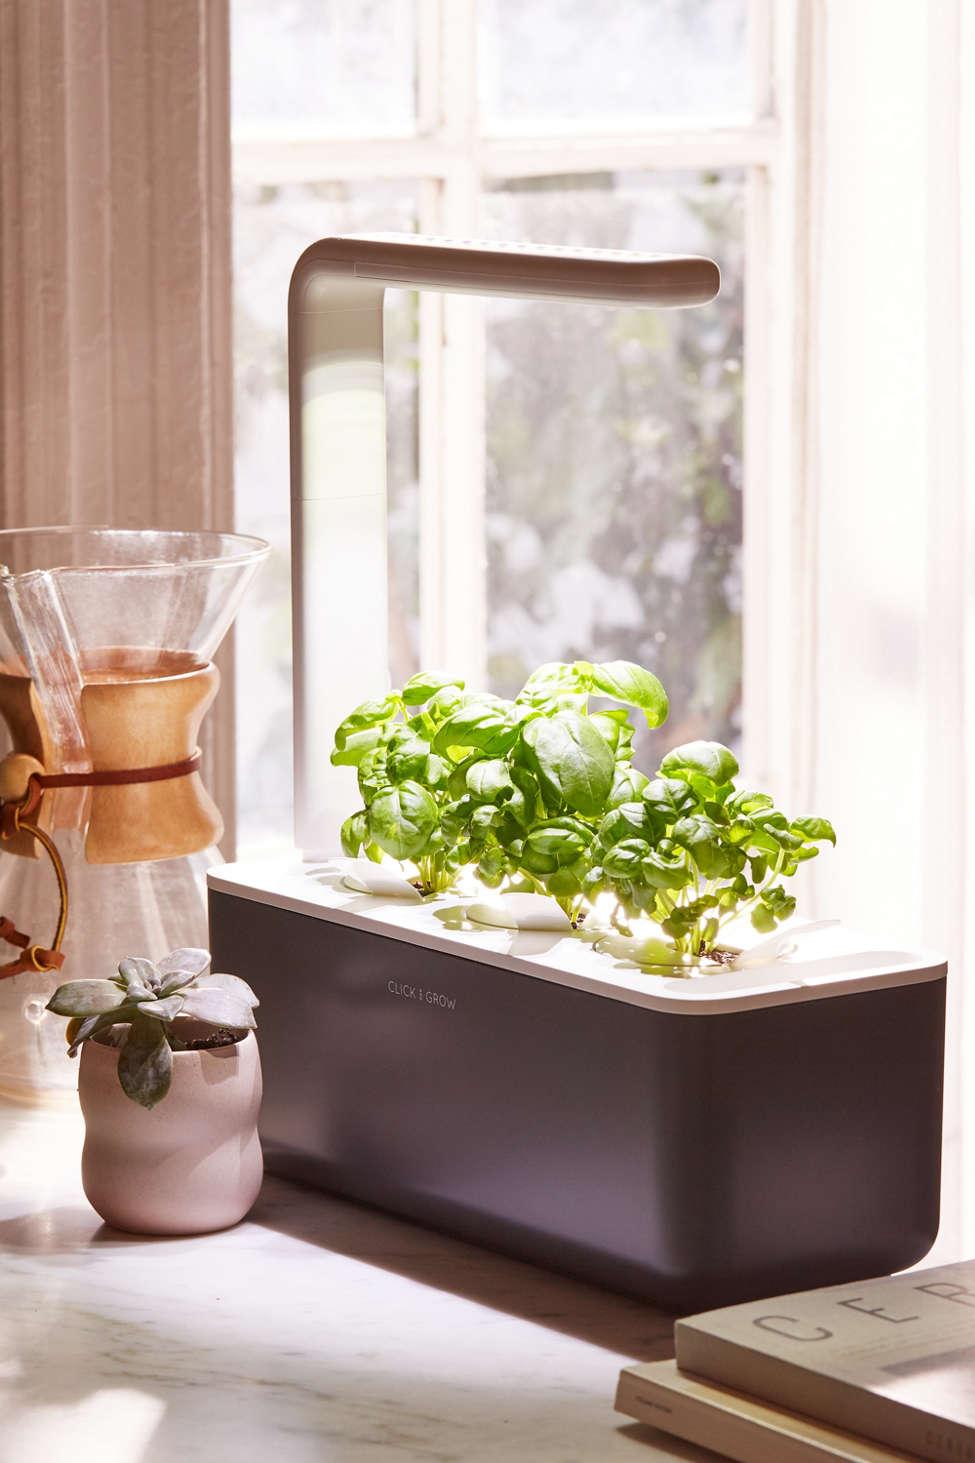 Slide View: 1: Click & Grow Smart Herb Garden 3 Starter Kit